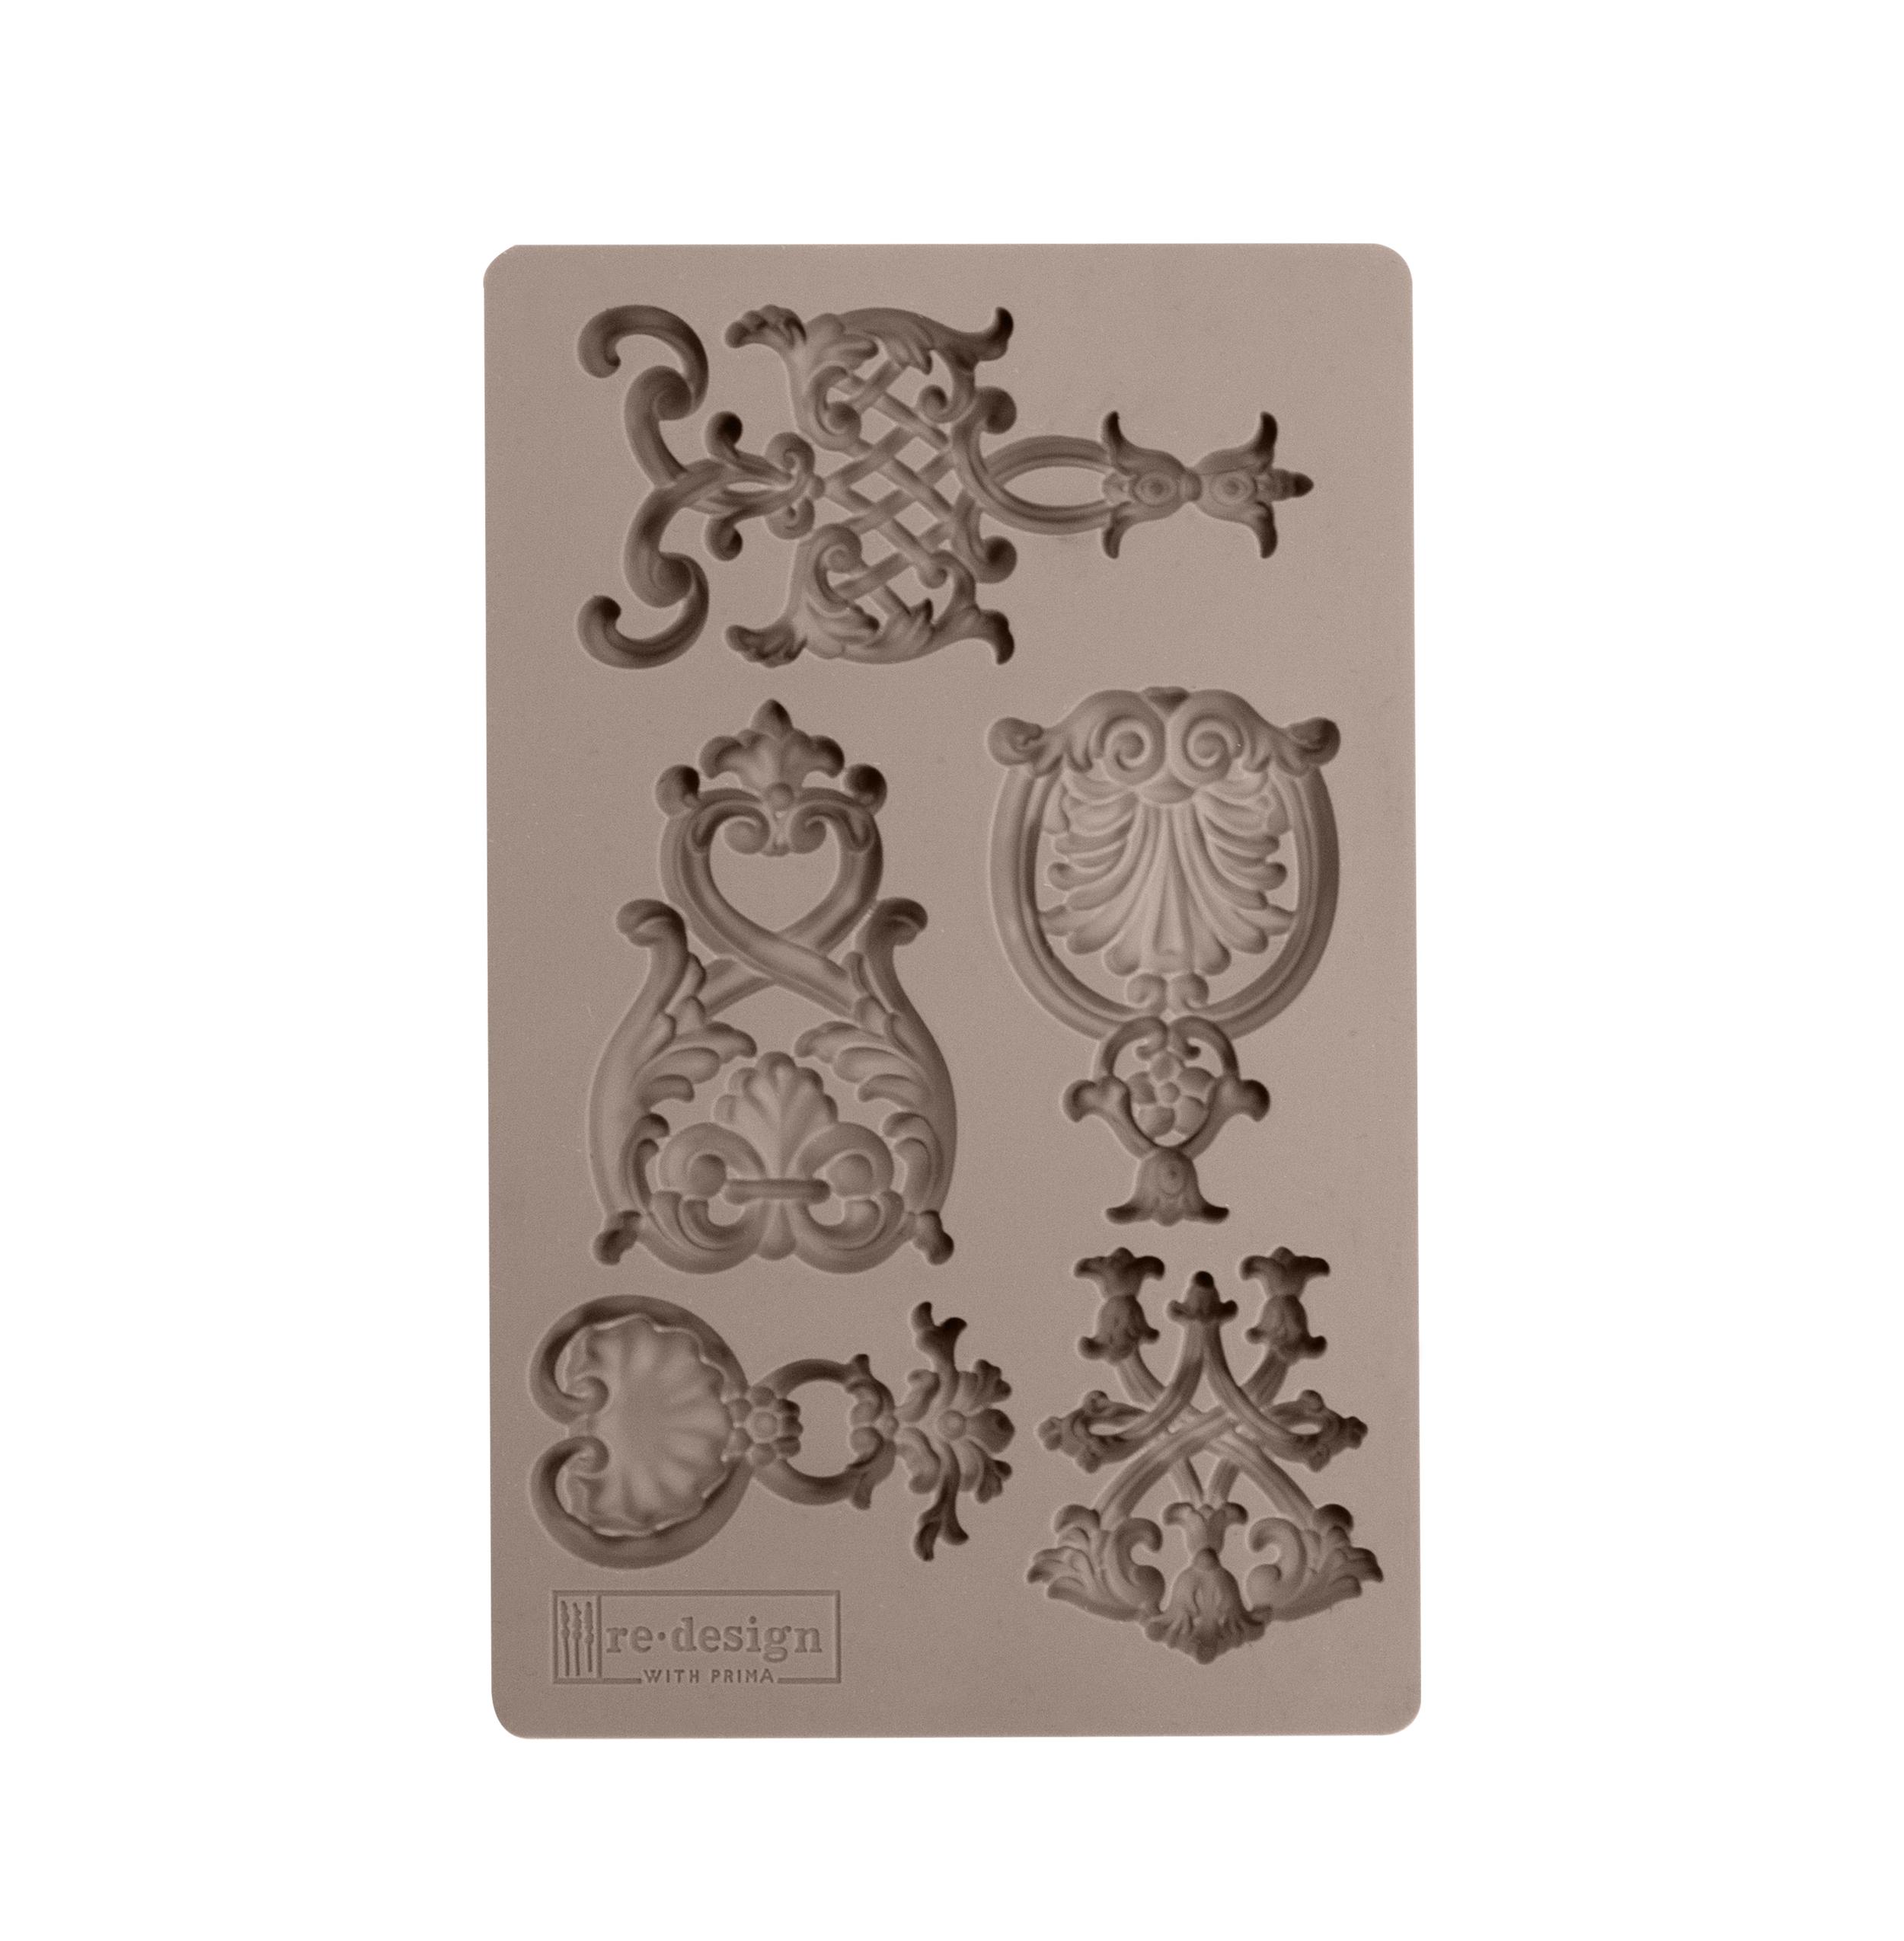 636425 Regal Emblems